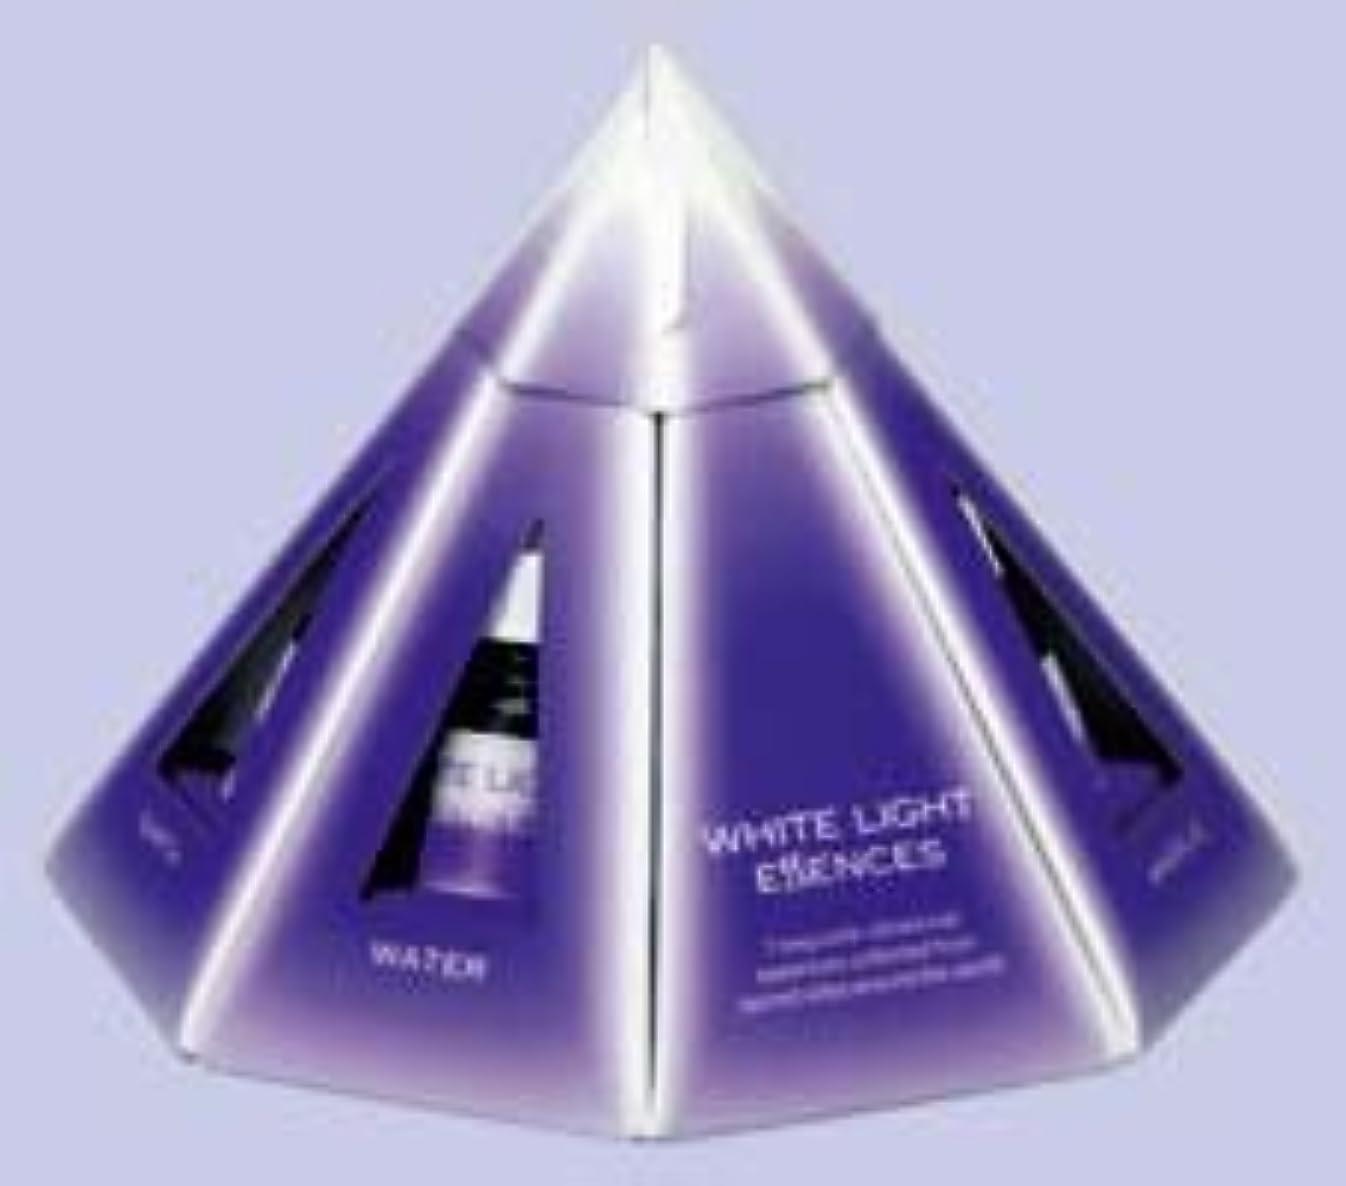 時々時々着替える雄弁なオーストラリアンブッシュ ホワイトライト ピラミッドパック7本セット(CD?和訳入)